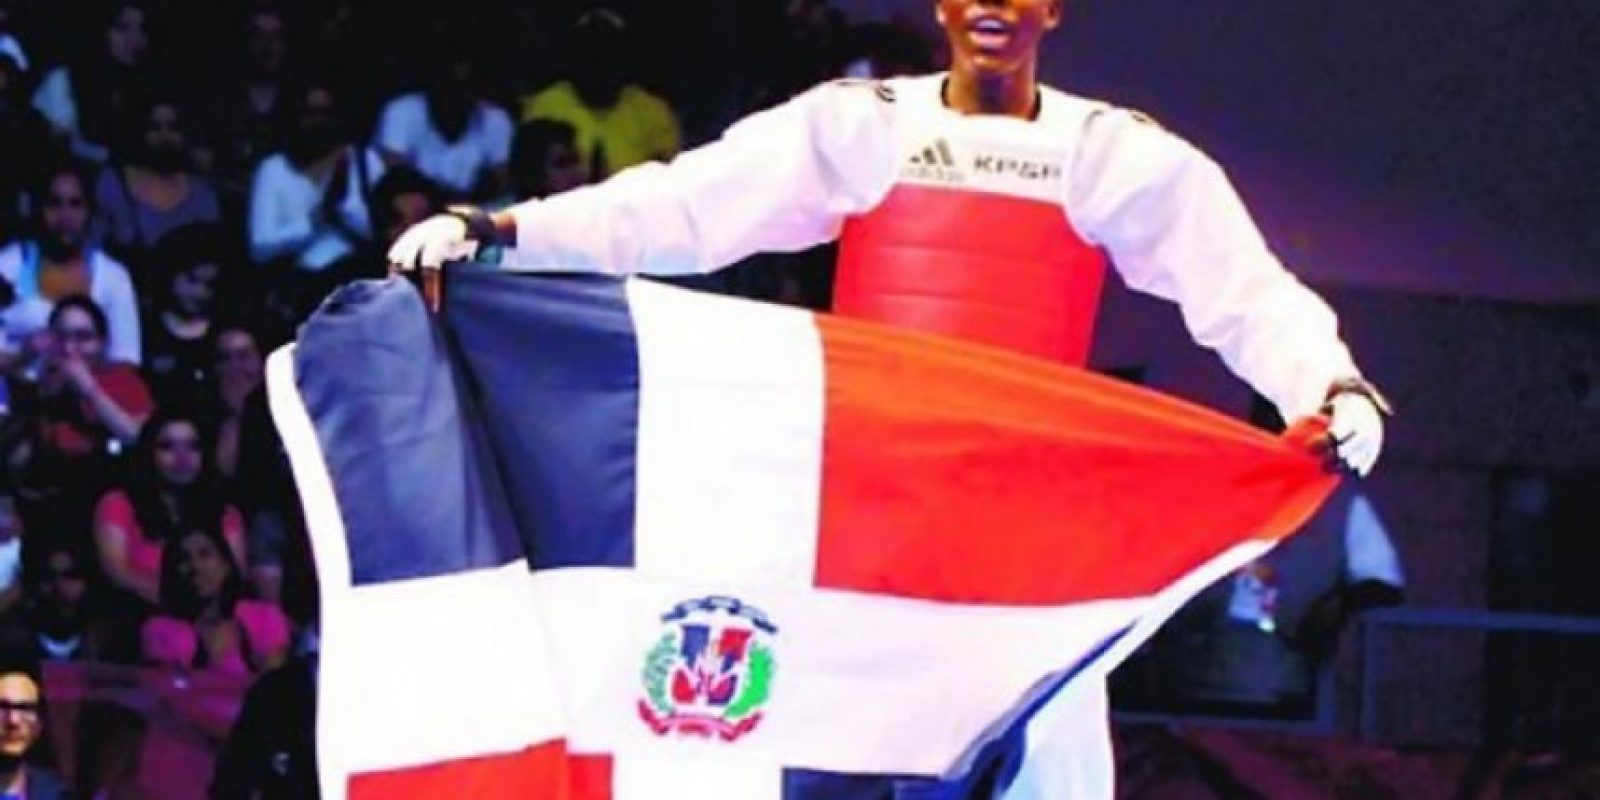 """Luis Pie de taekwondo en los 58 kilogramos. Ha enfrentado y superado a los mejores del mundo en los 58 kilogramos de esta disciplina. El ganador de la medalla de plata en los pasados Juegos Panamericanos es una de las posibiliades de éxito del Comité Olímpico Dominicano en la justa que comienza hoy y finaliza el próximo 21 de este mes.Pie ha demostrado su calidad en cada escenario en que se ha desempeñado y su intención, según sus propias pablaras, es """"poner a sonar el himno nacional en Río"""". Foto:Fuente externa"""